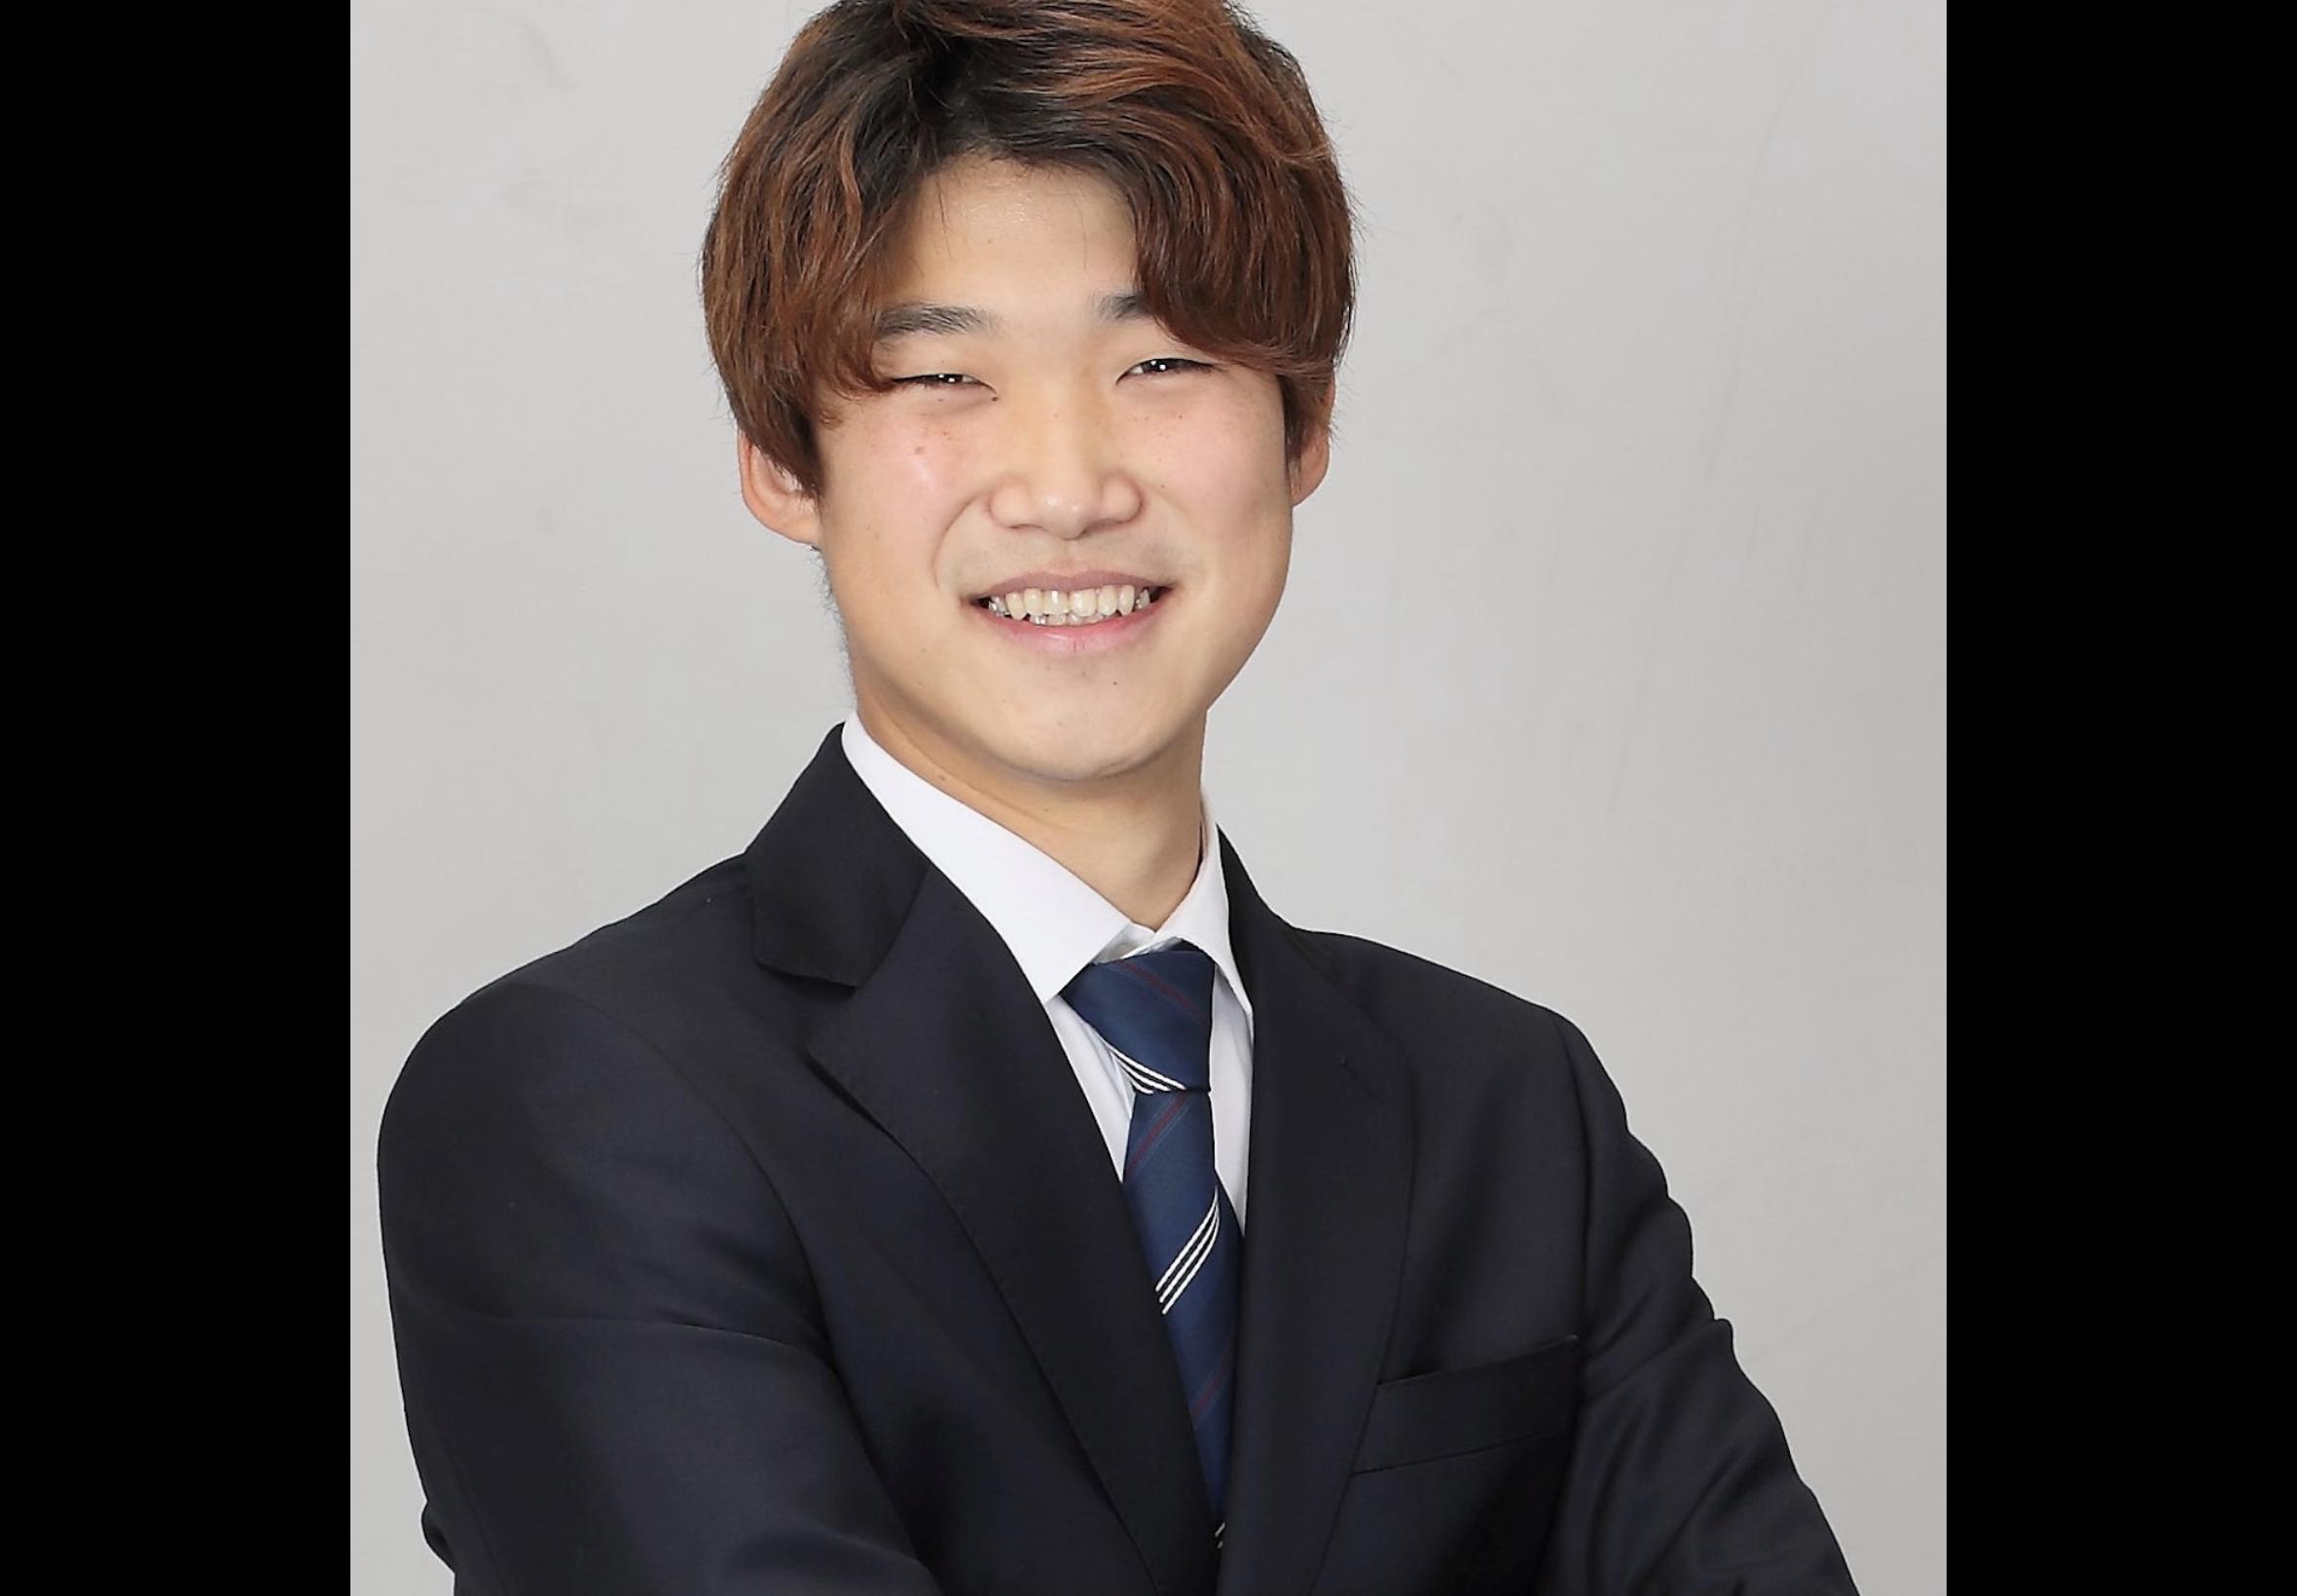 【2021年BGTチーム員紹介】早川裕紀 メカニック